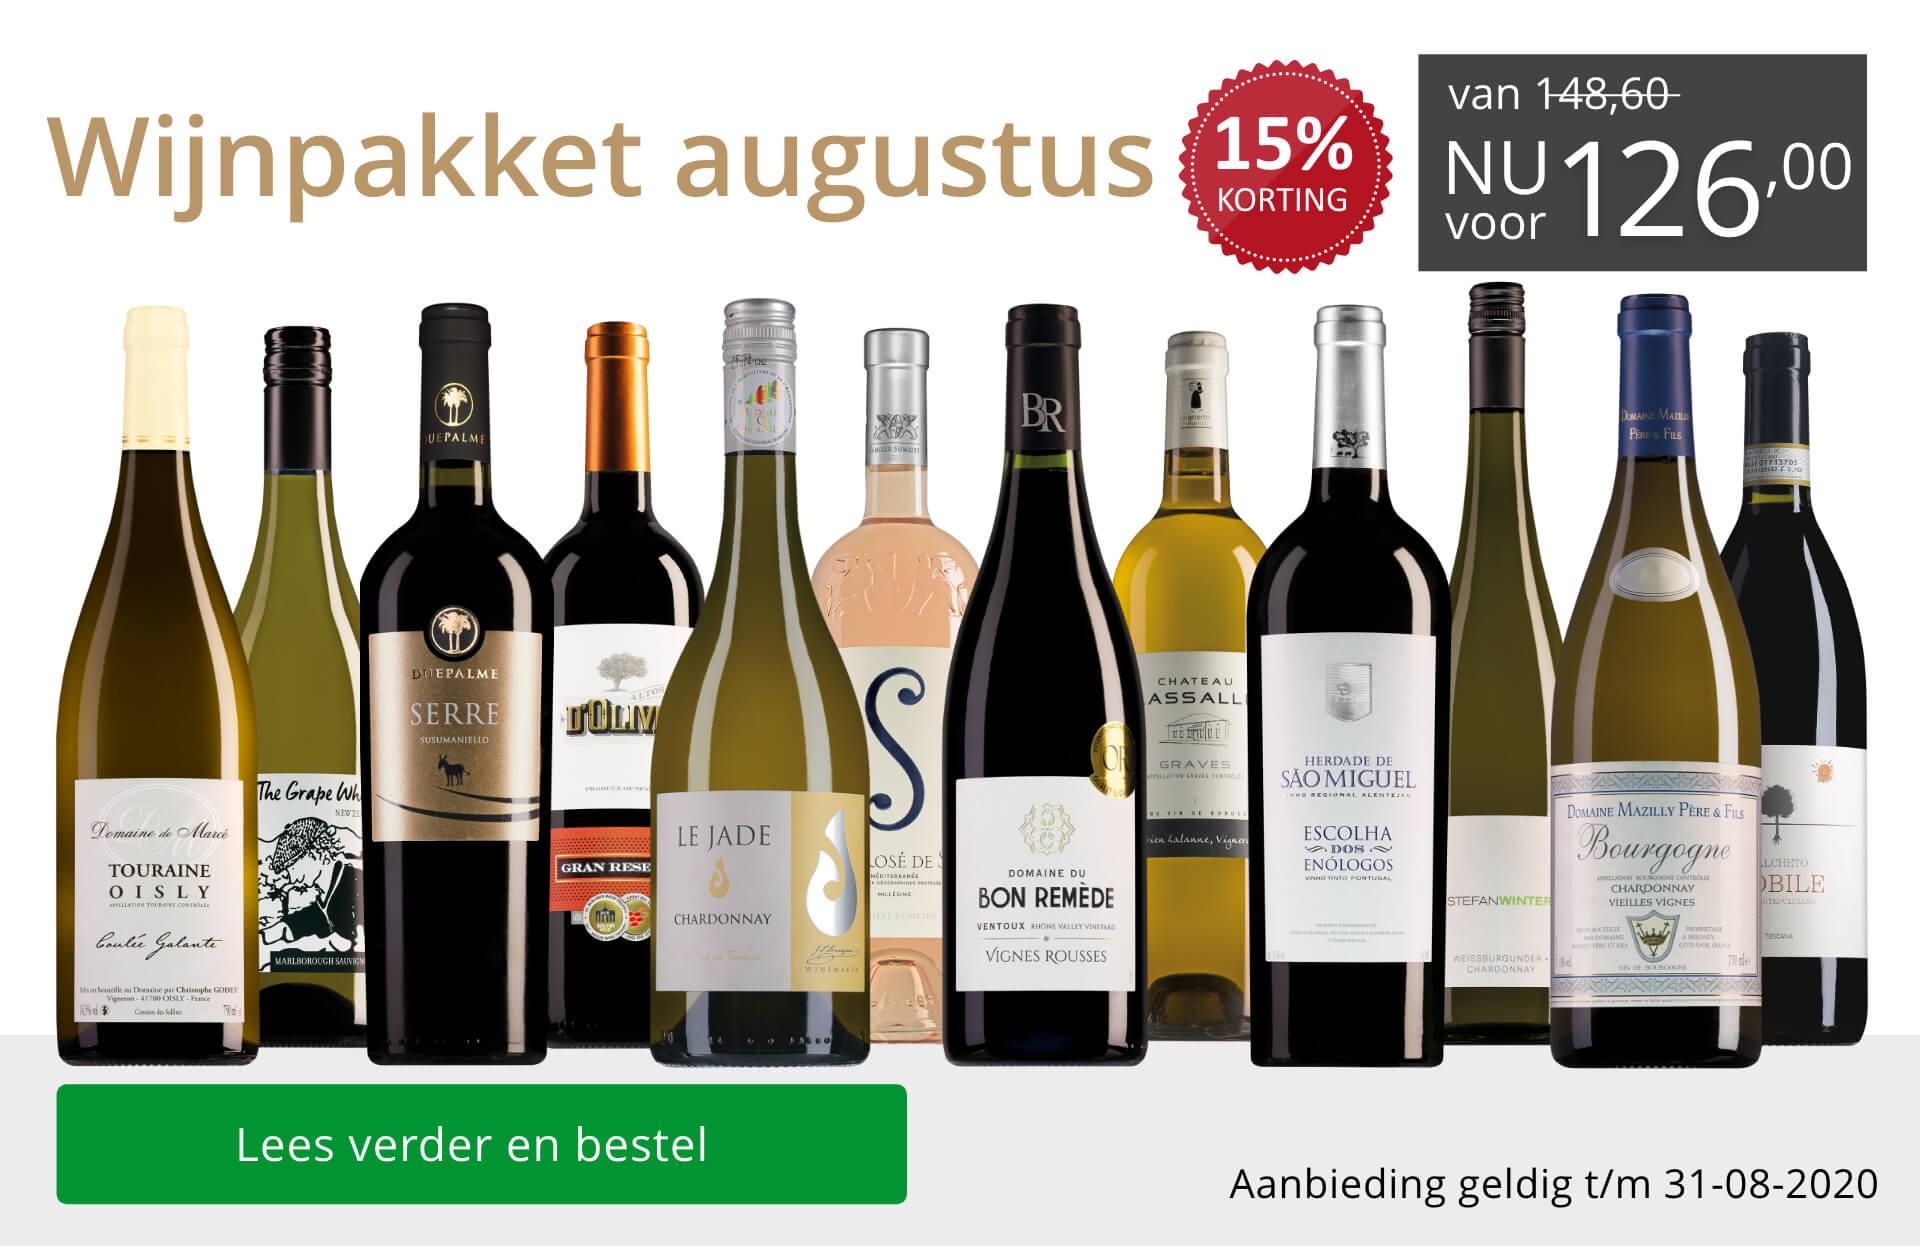 Wijnpakket wijnbericht augustus 2020 (126,00) - grijs/goud